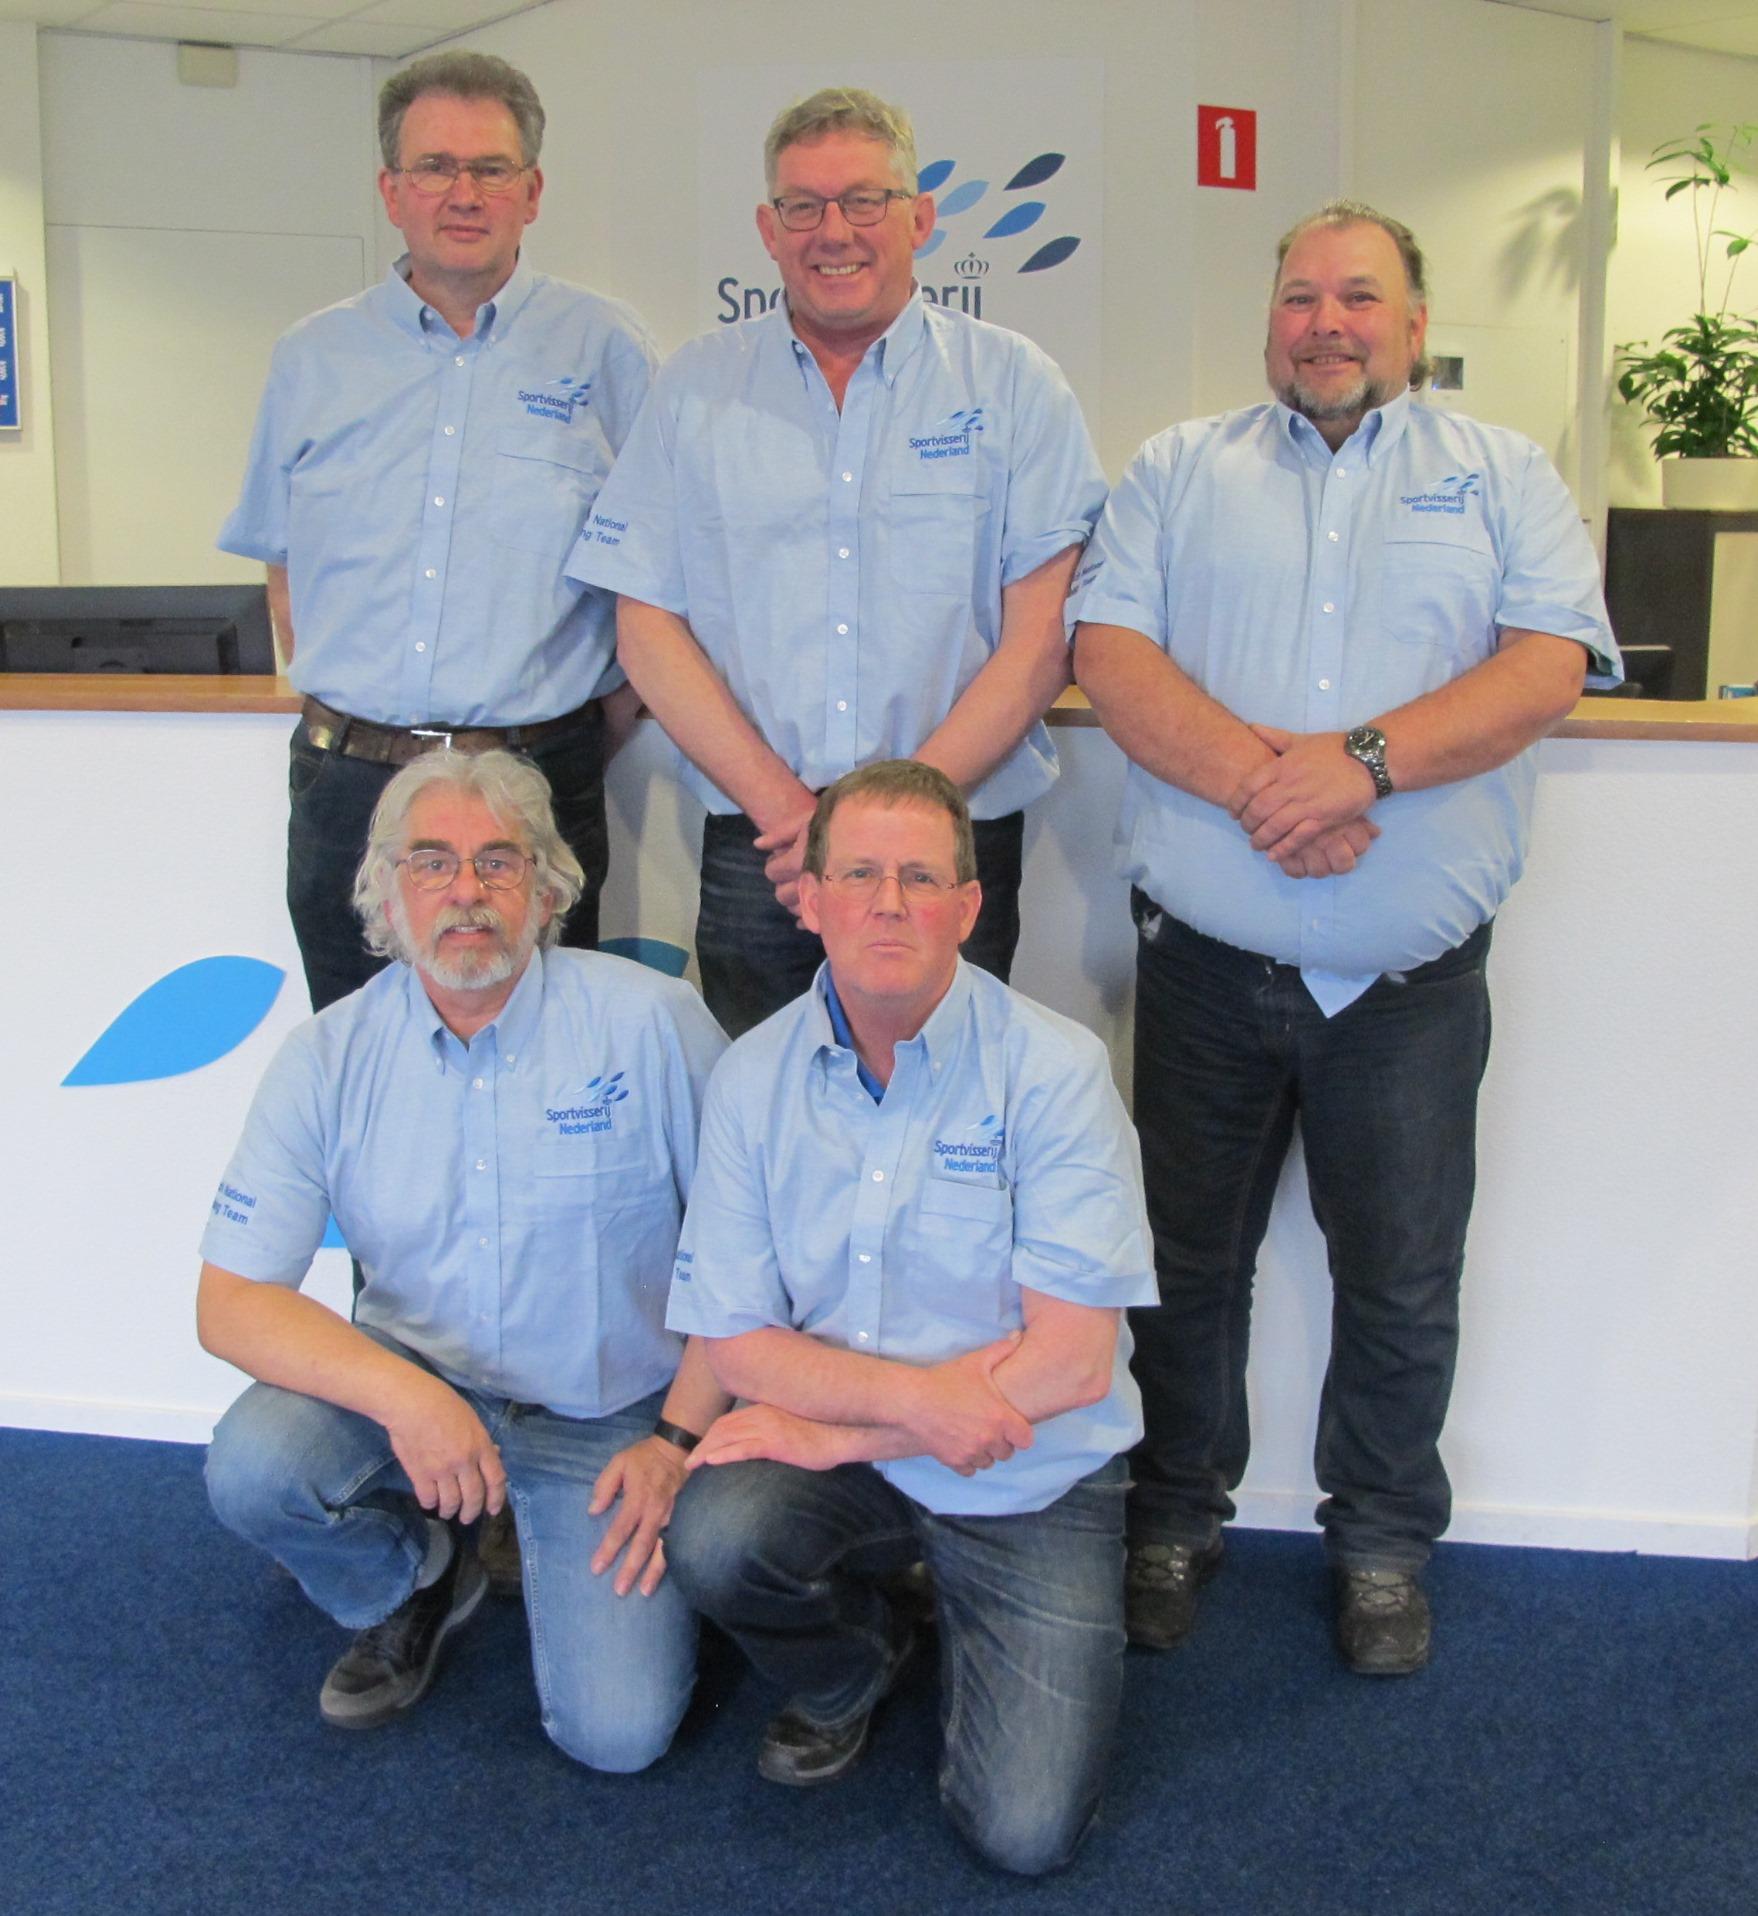 Wk sportvissen voor veteranen in servi nieuws actueel sportvisserij nederland